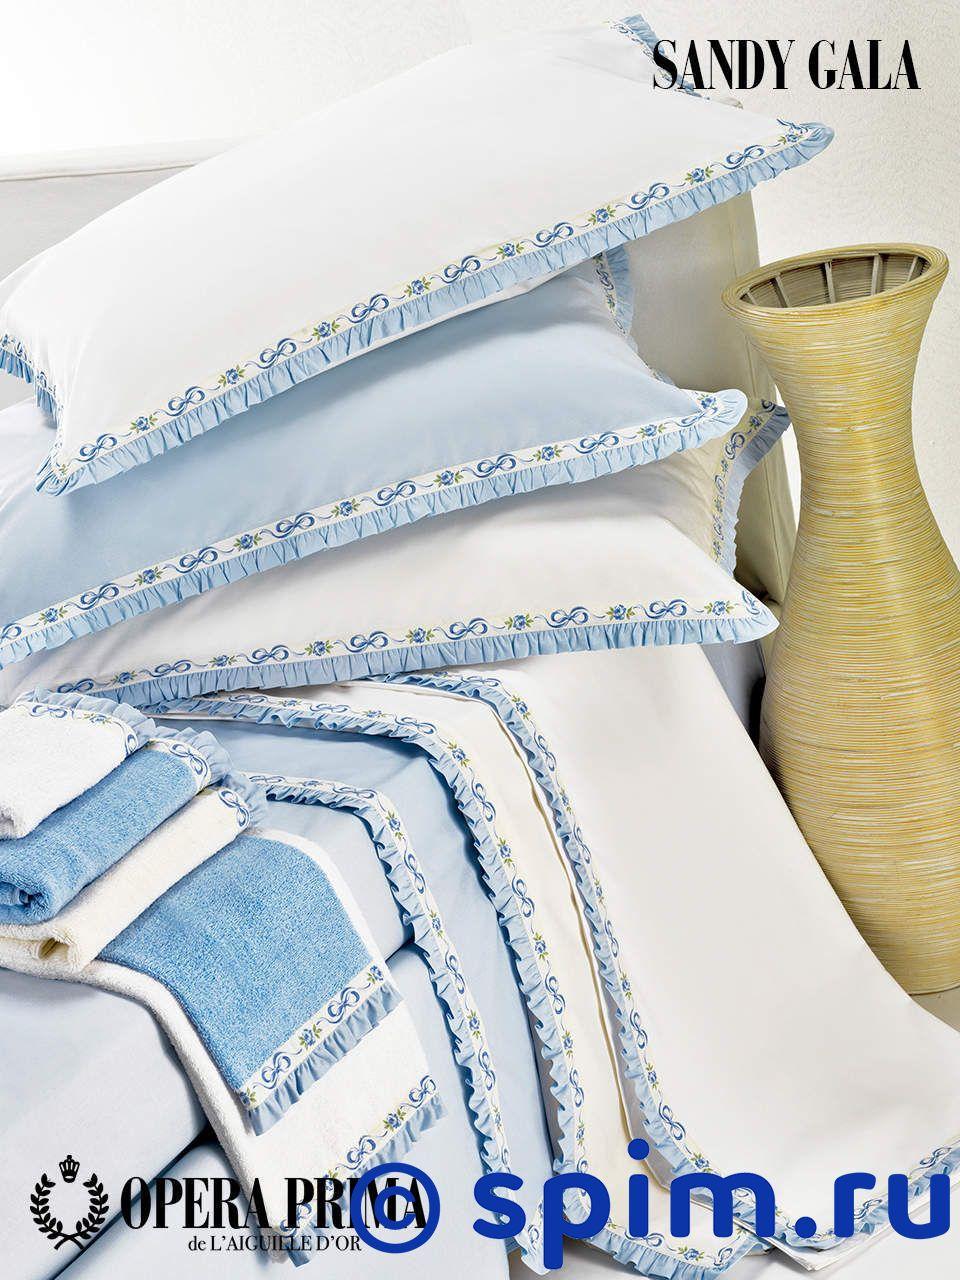 Комплект Opera Prima Sandy Gala Евро-стандартПостельное белье Opera Prima<br>Материал: 100% египетский мерсеризованный хлопок, перкаль. Поверхностная плотность: 200Тс. Размер Опера Прима Санди Гала: Евро-стандарт<br><br>Размер: Евро-стандарт